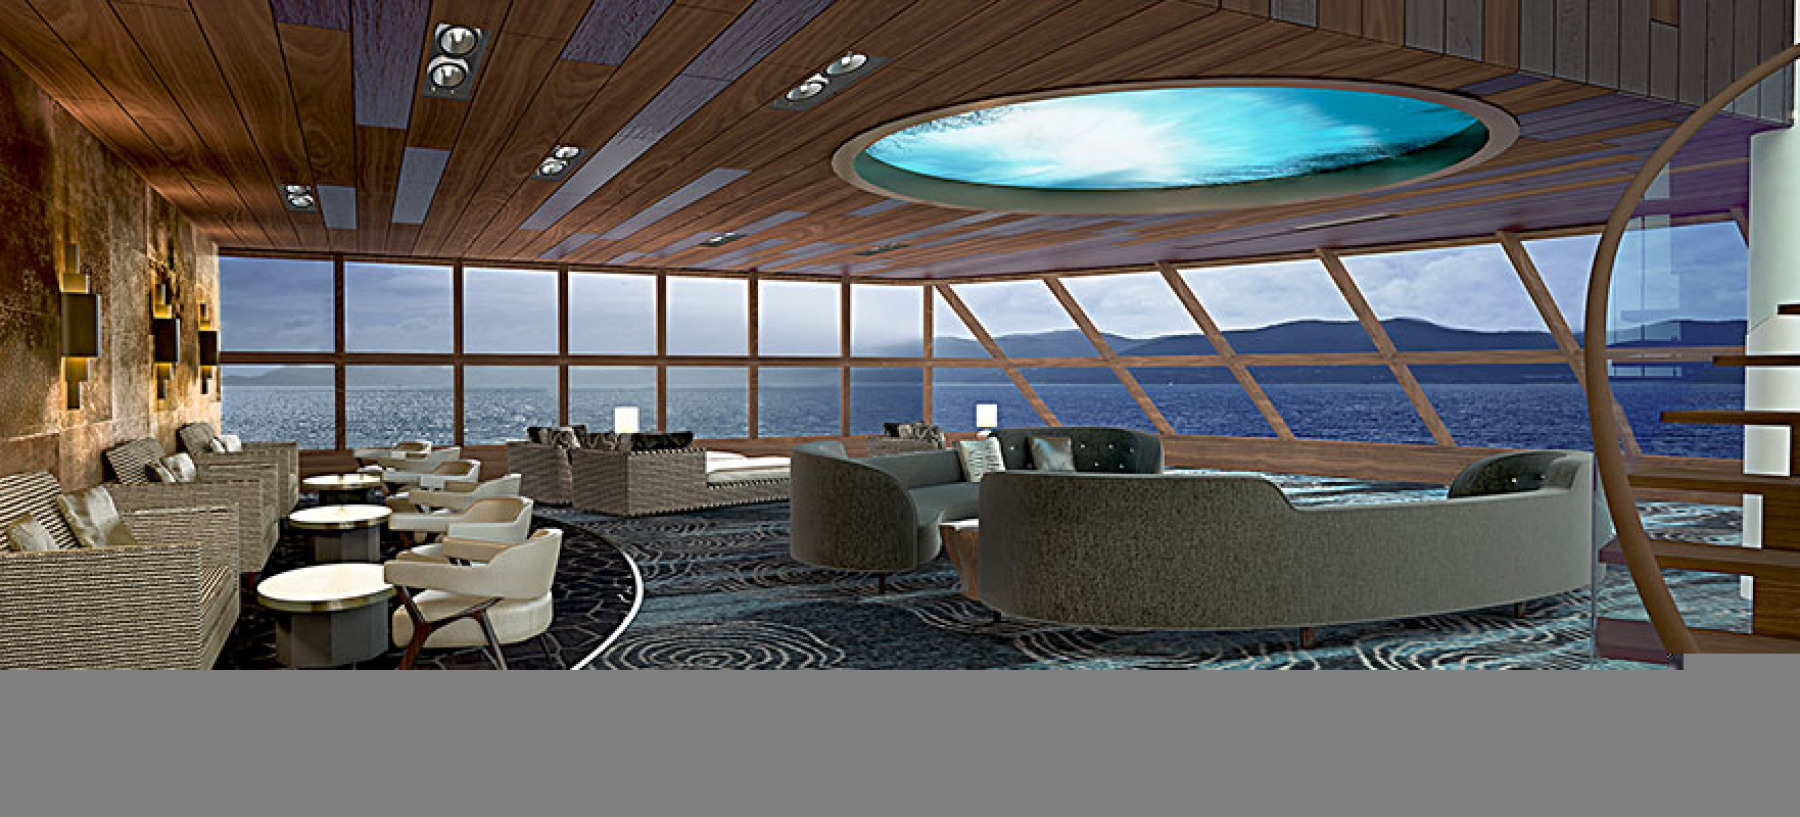 Norwegian Bliss Haven Observation Lounge.jpg